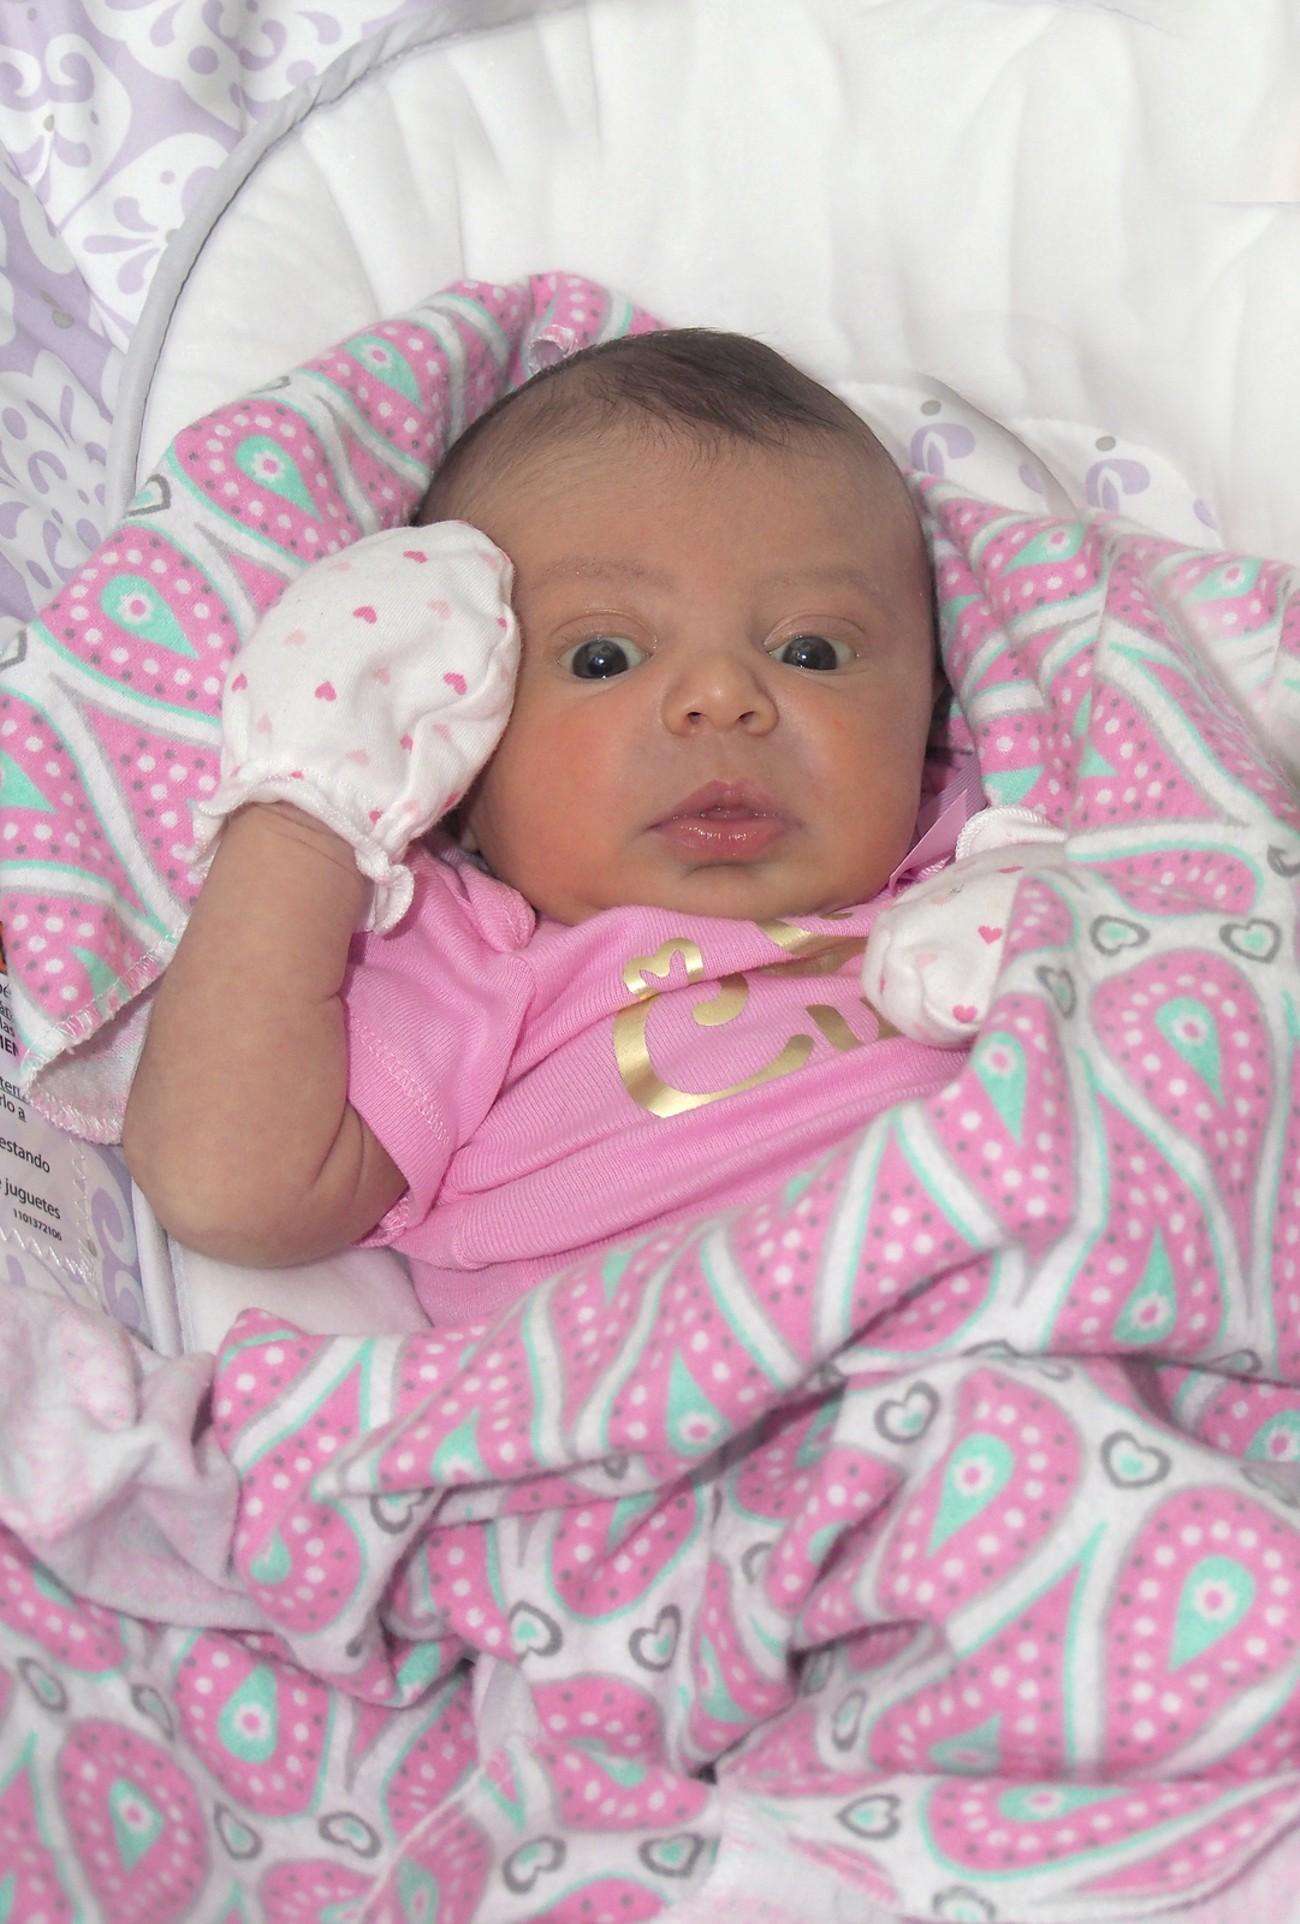 Salutation  1 week old